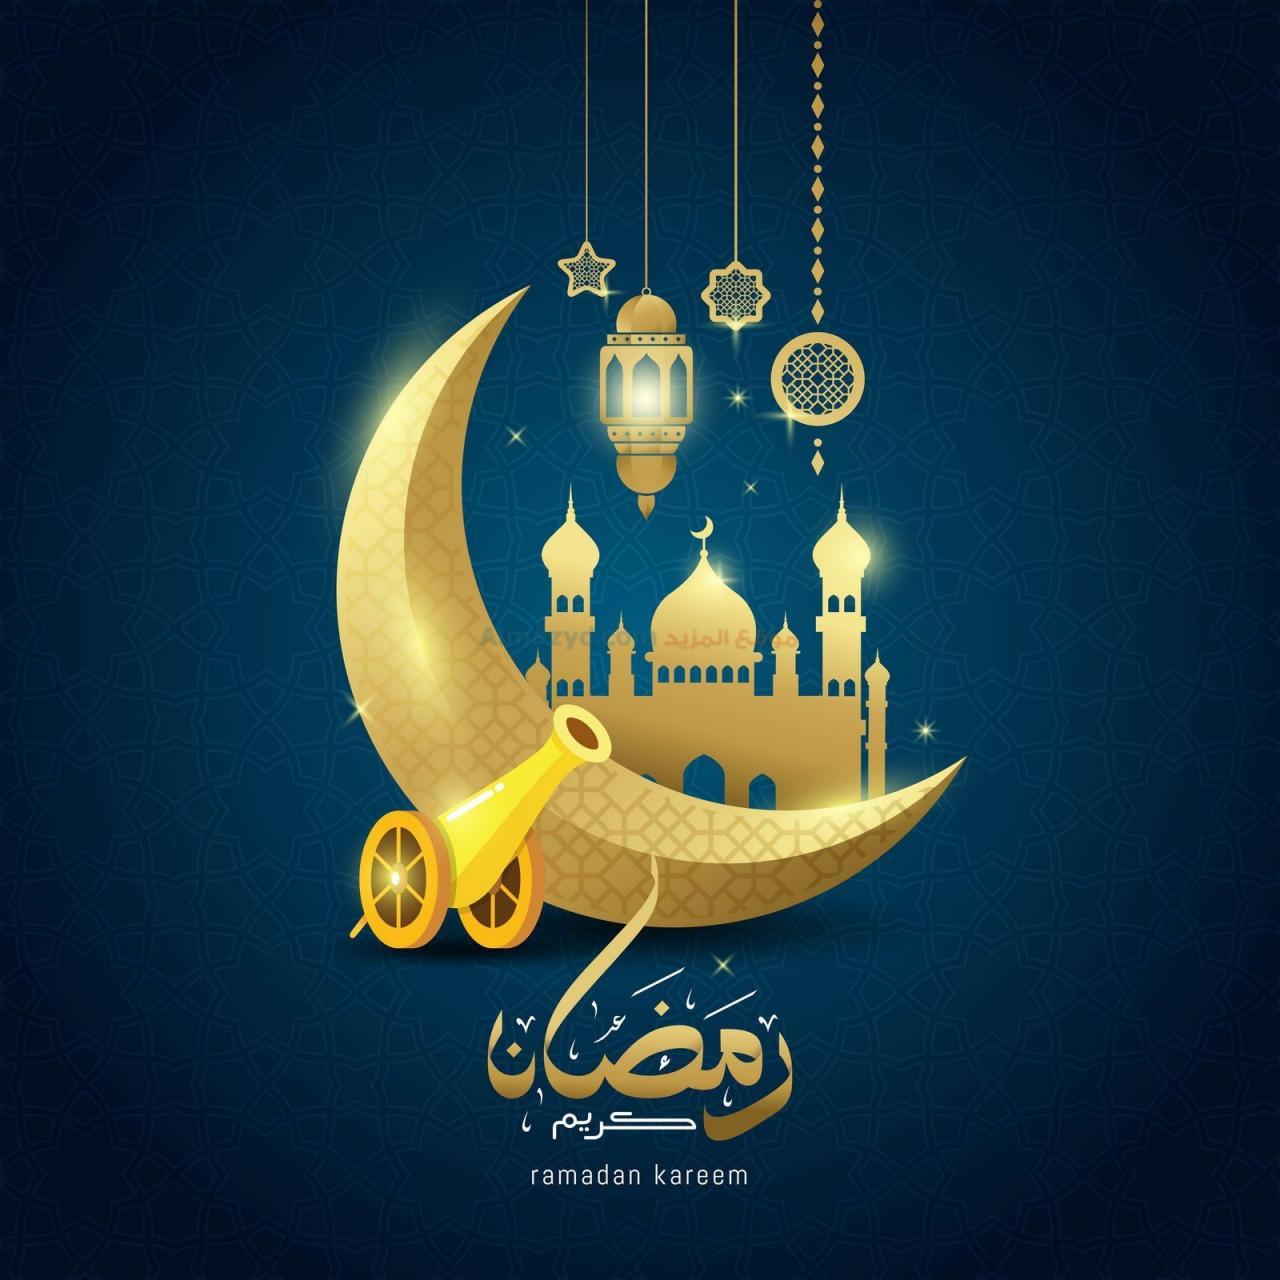 صورة صور عن رمضان , رمضان من اجمل الشهور في السنه